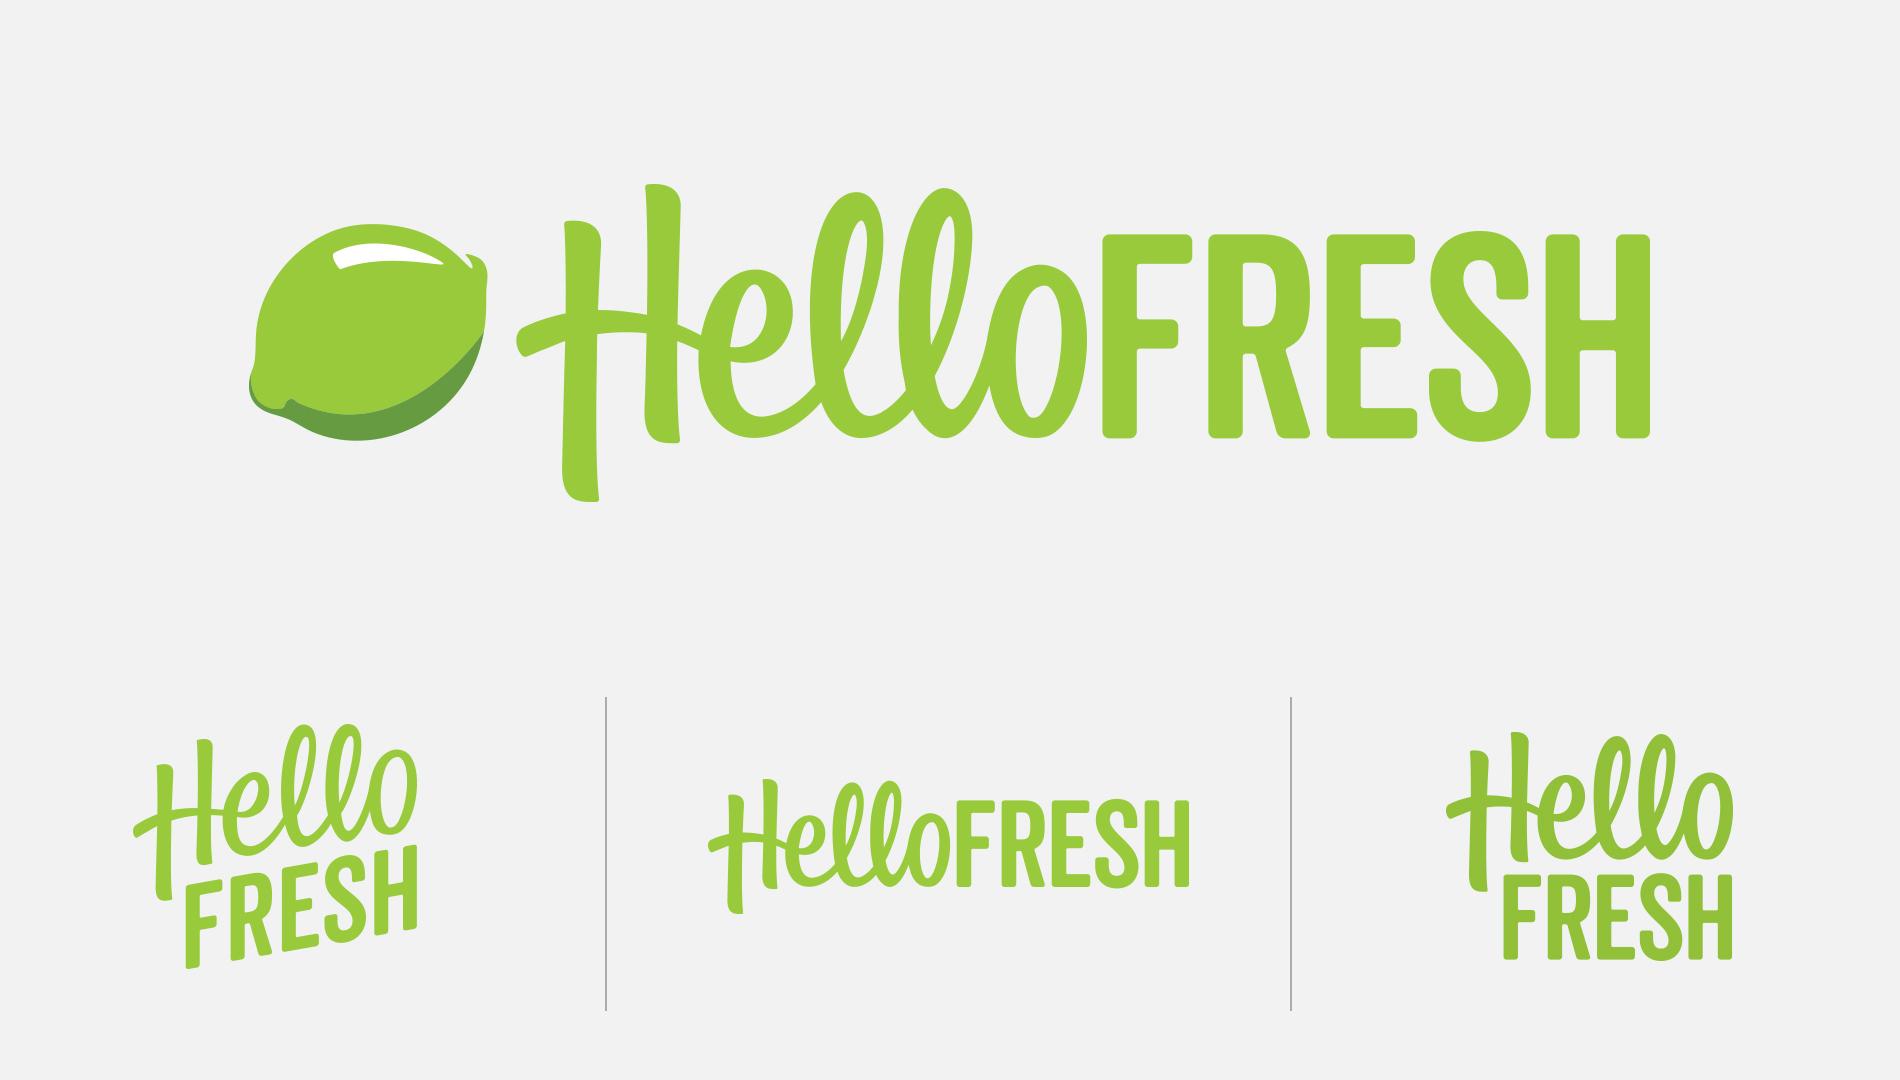 HelloFresh/Other